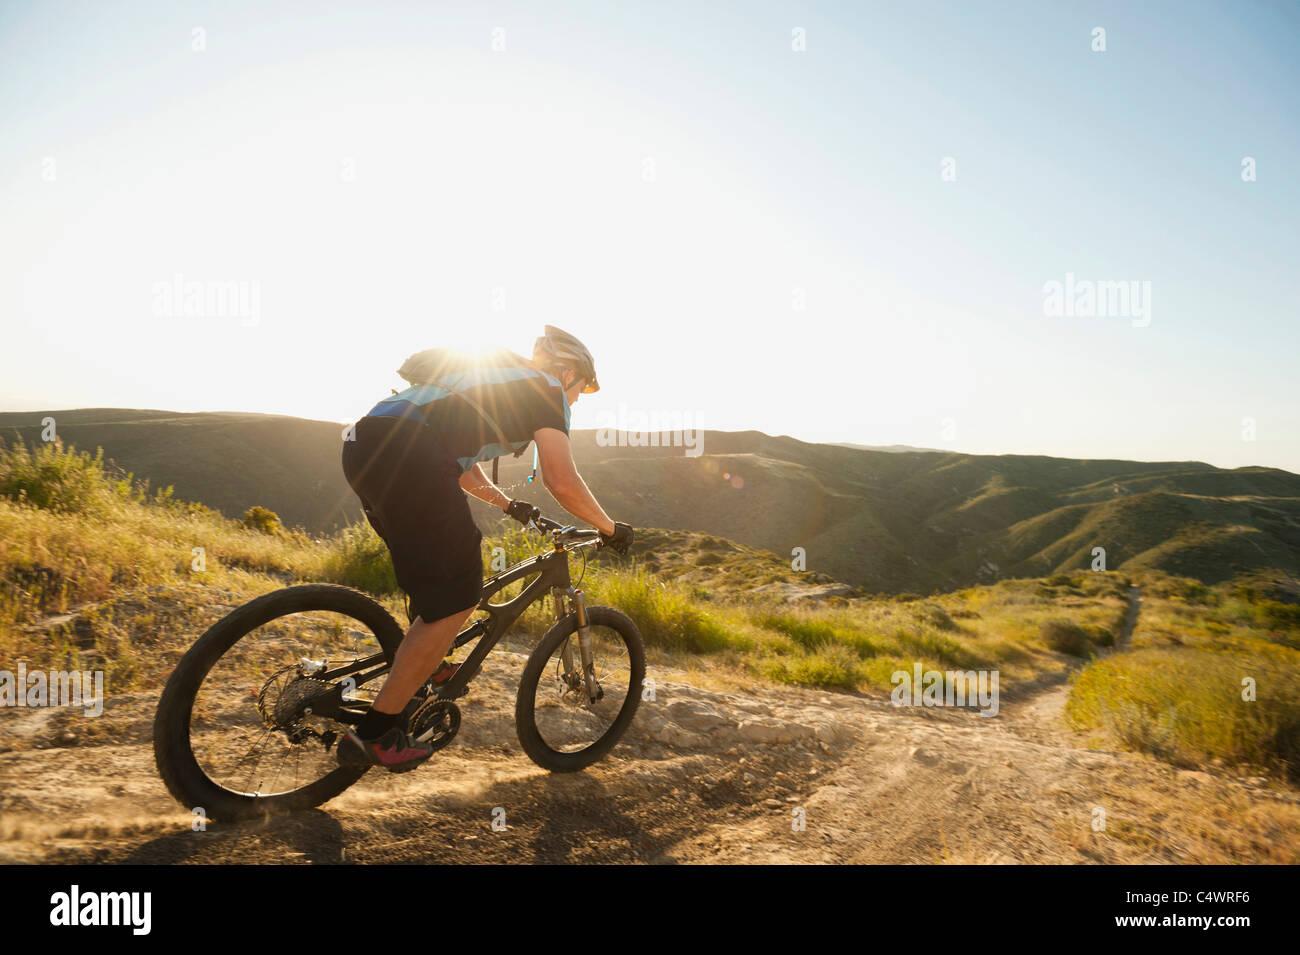 Stati Uniti d'America,California,Laguna Beach,mountain biker guida in discesa Foto Stock